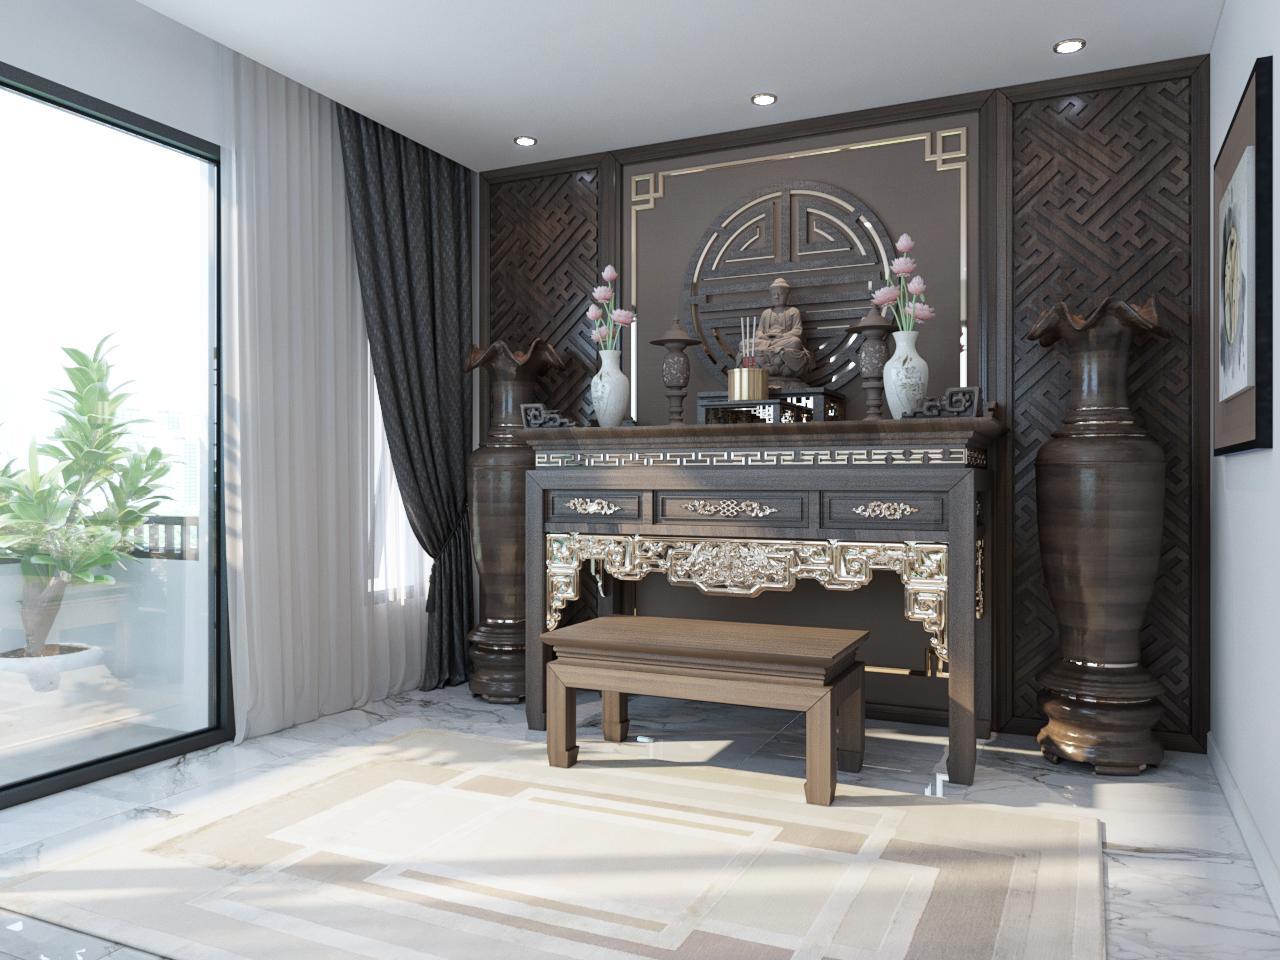 thiết kế nội thất Nhà Mặt Phố tại Hà Nội Nhà Phố - Văn Tiến Dũng 27 1562827648